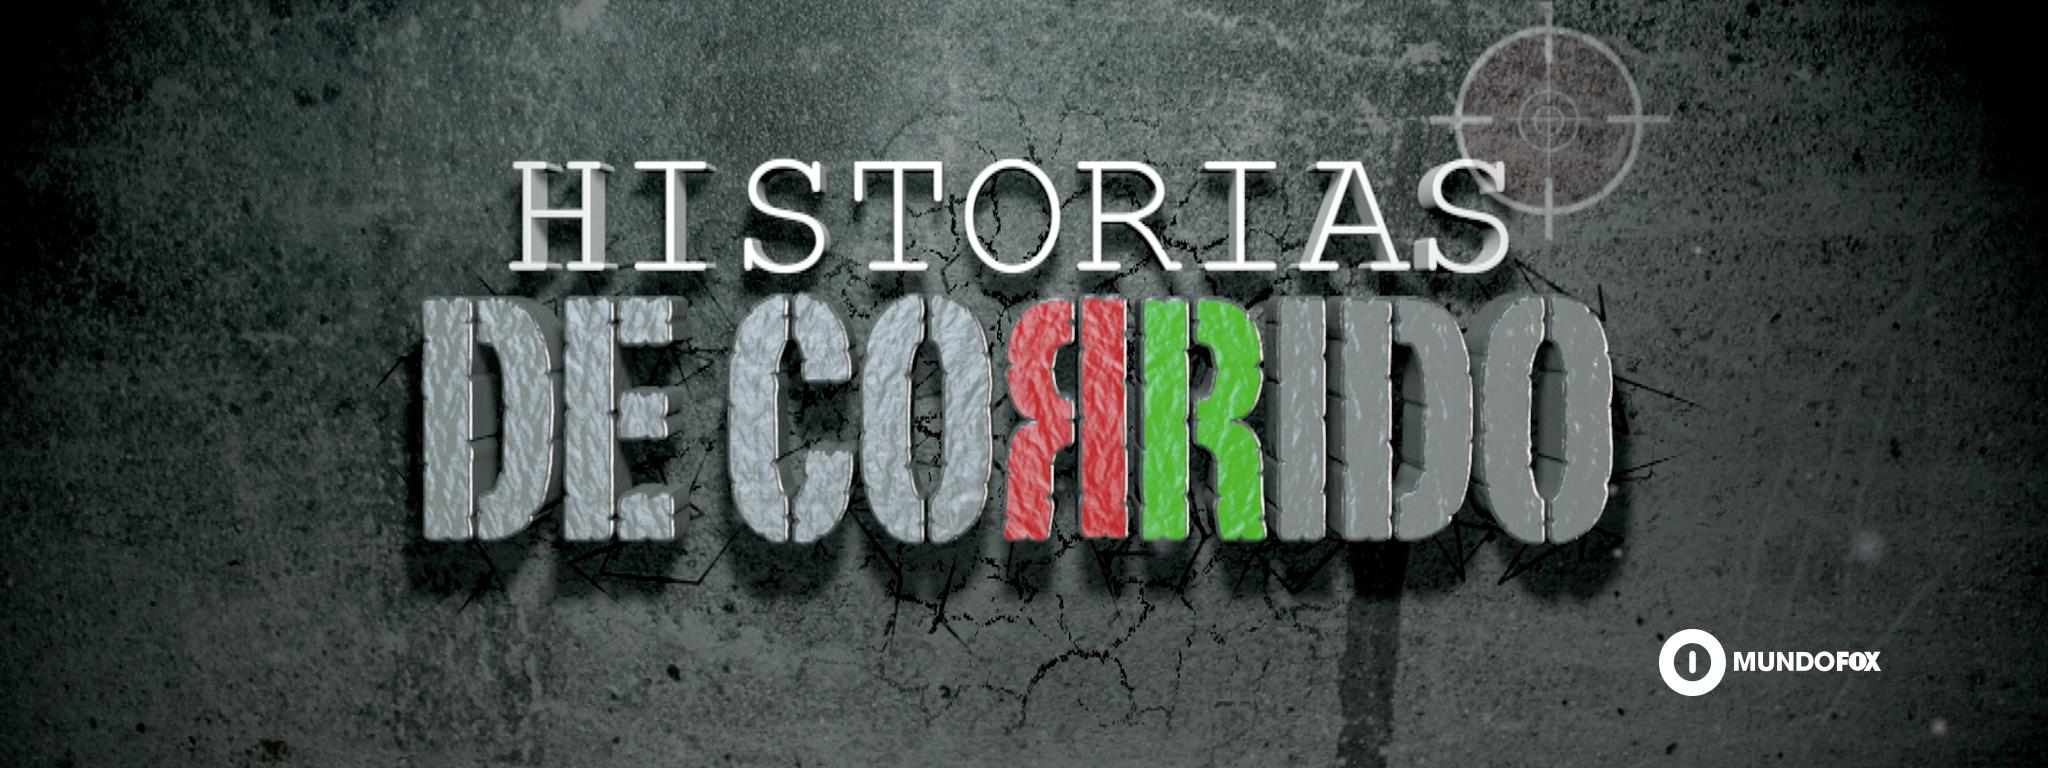 historias_de_corrido